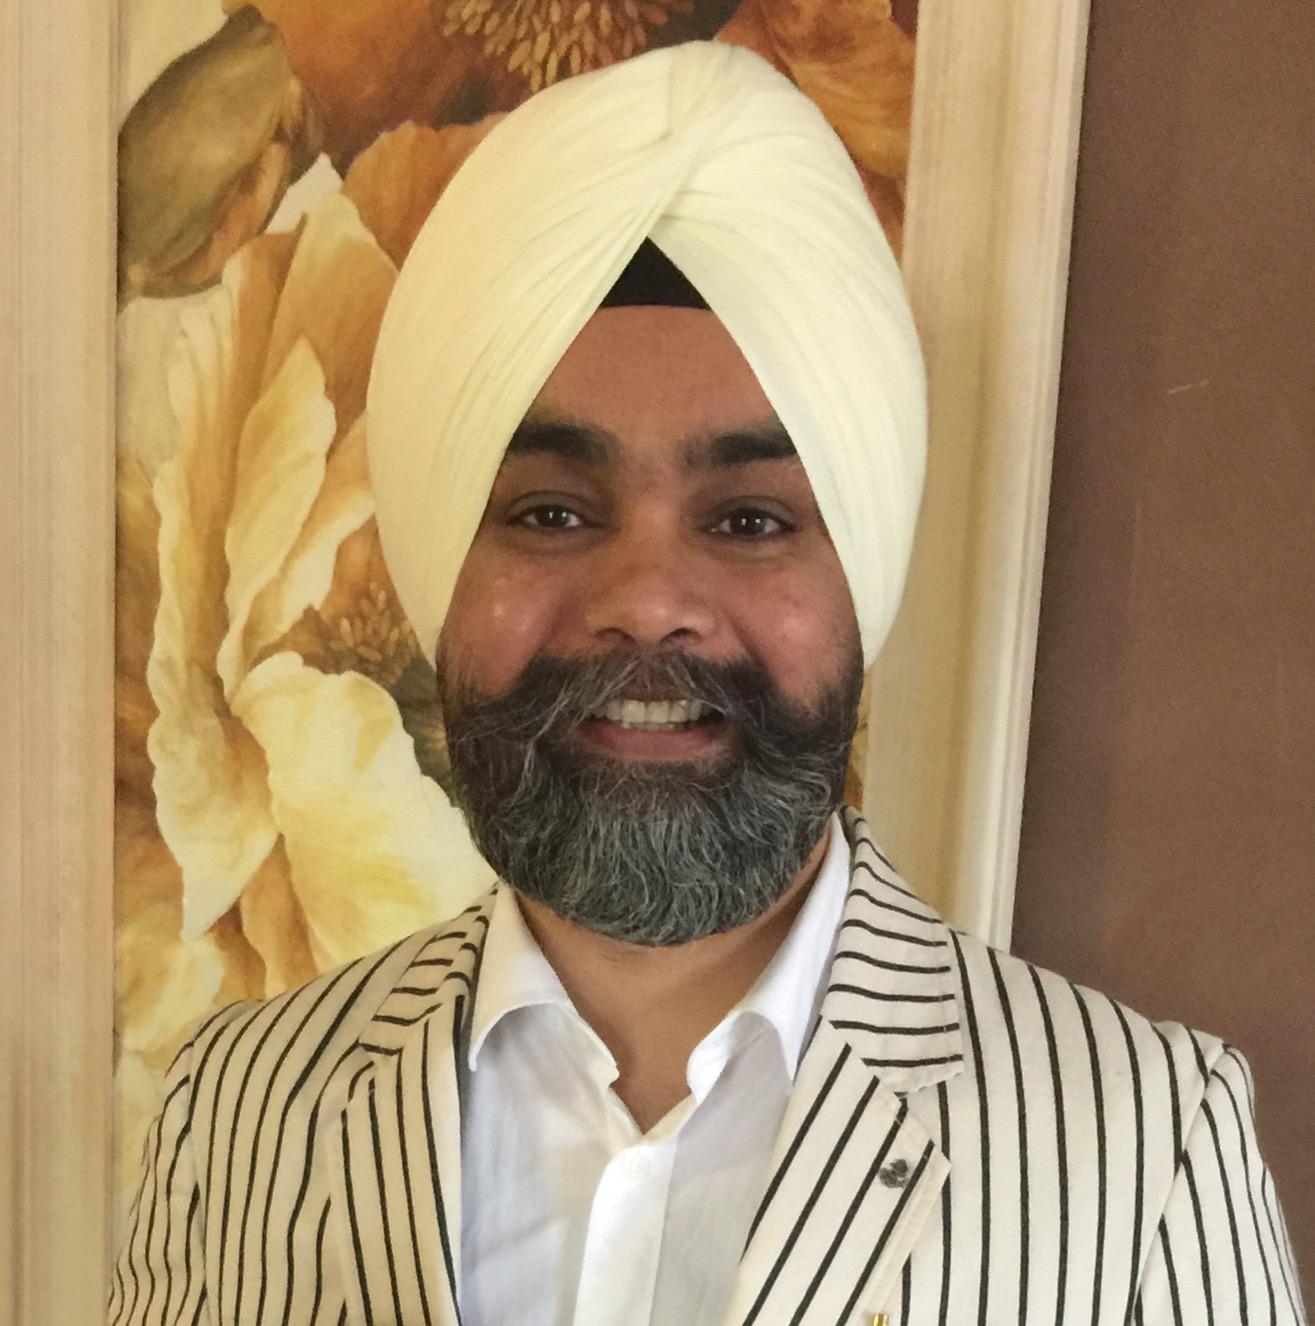 Dr. Kawaljit Singh